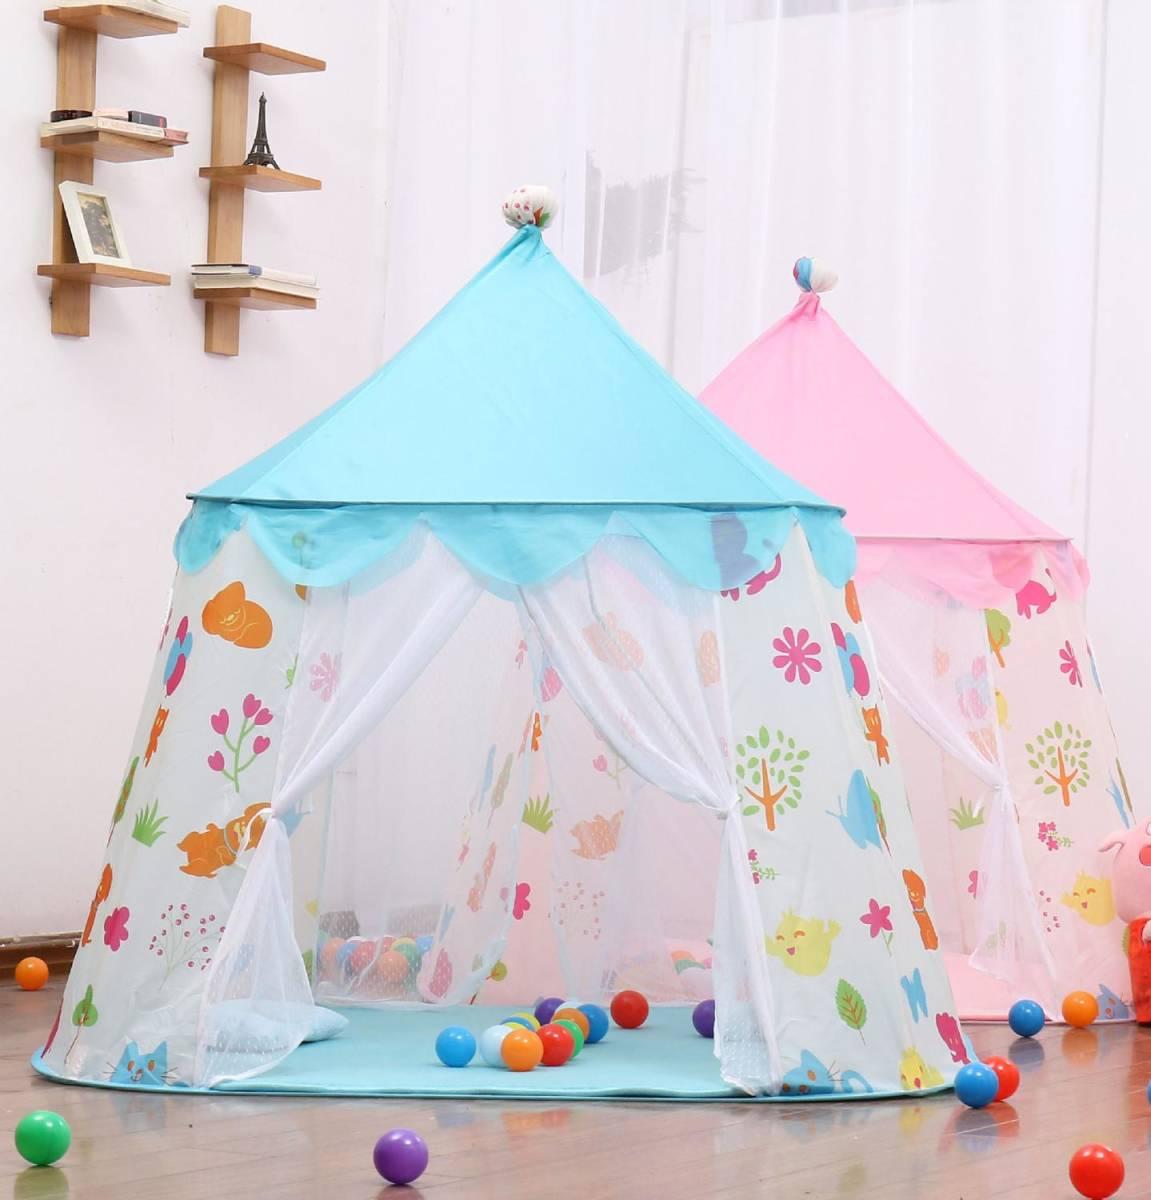 子供 ティピ キッズ 屋内 ベッド 家 ポータブル リトル ハウス ティーピー GR0025flag3 テント キャンプ アウトドア_画像2